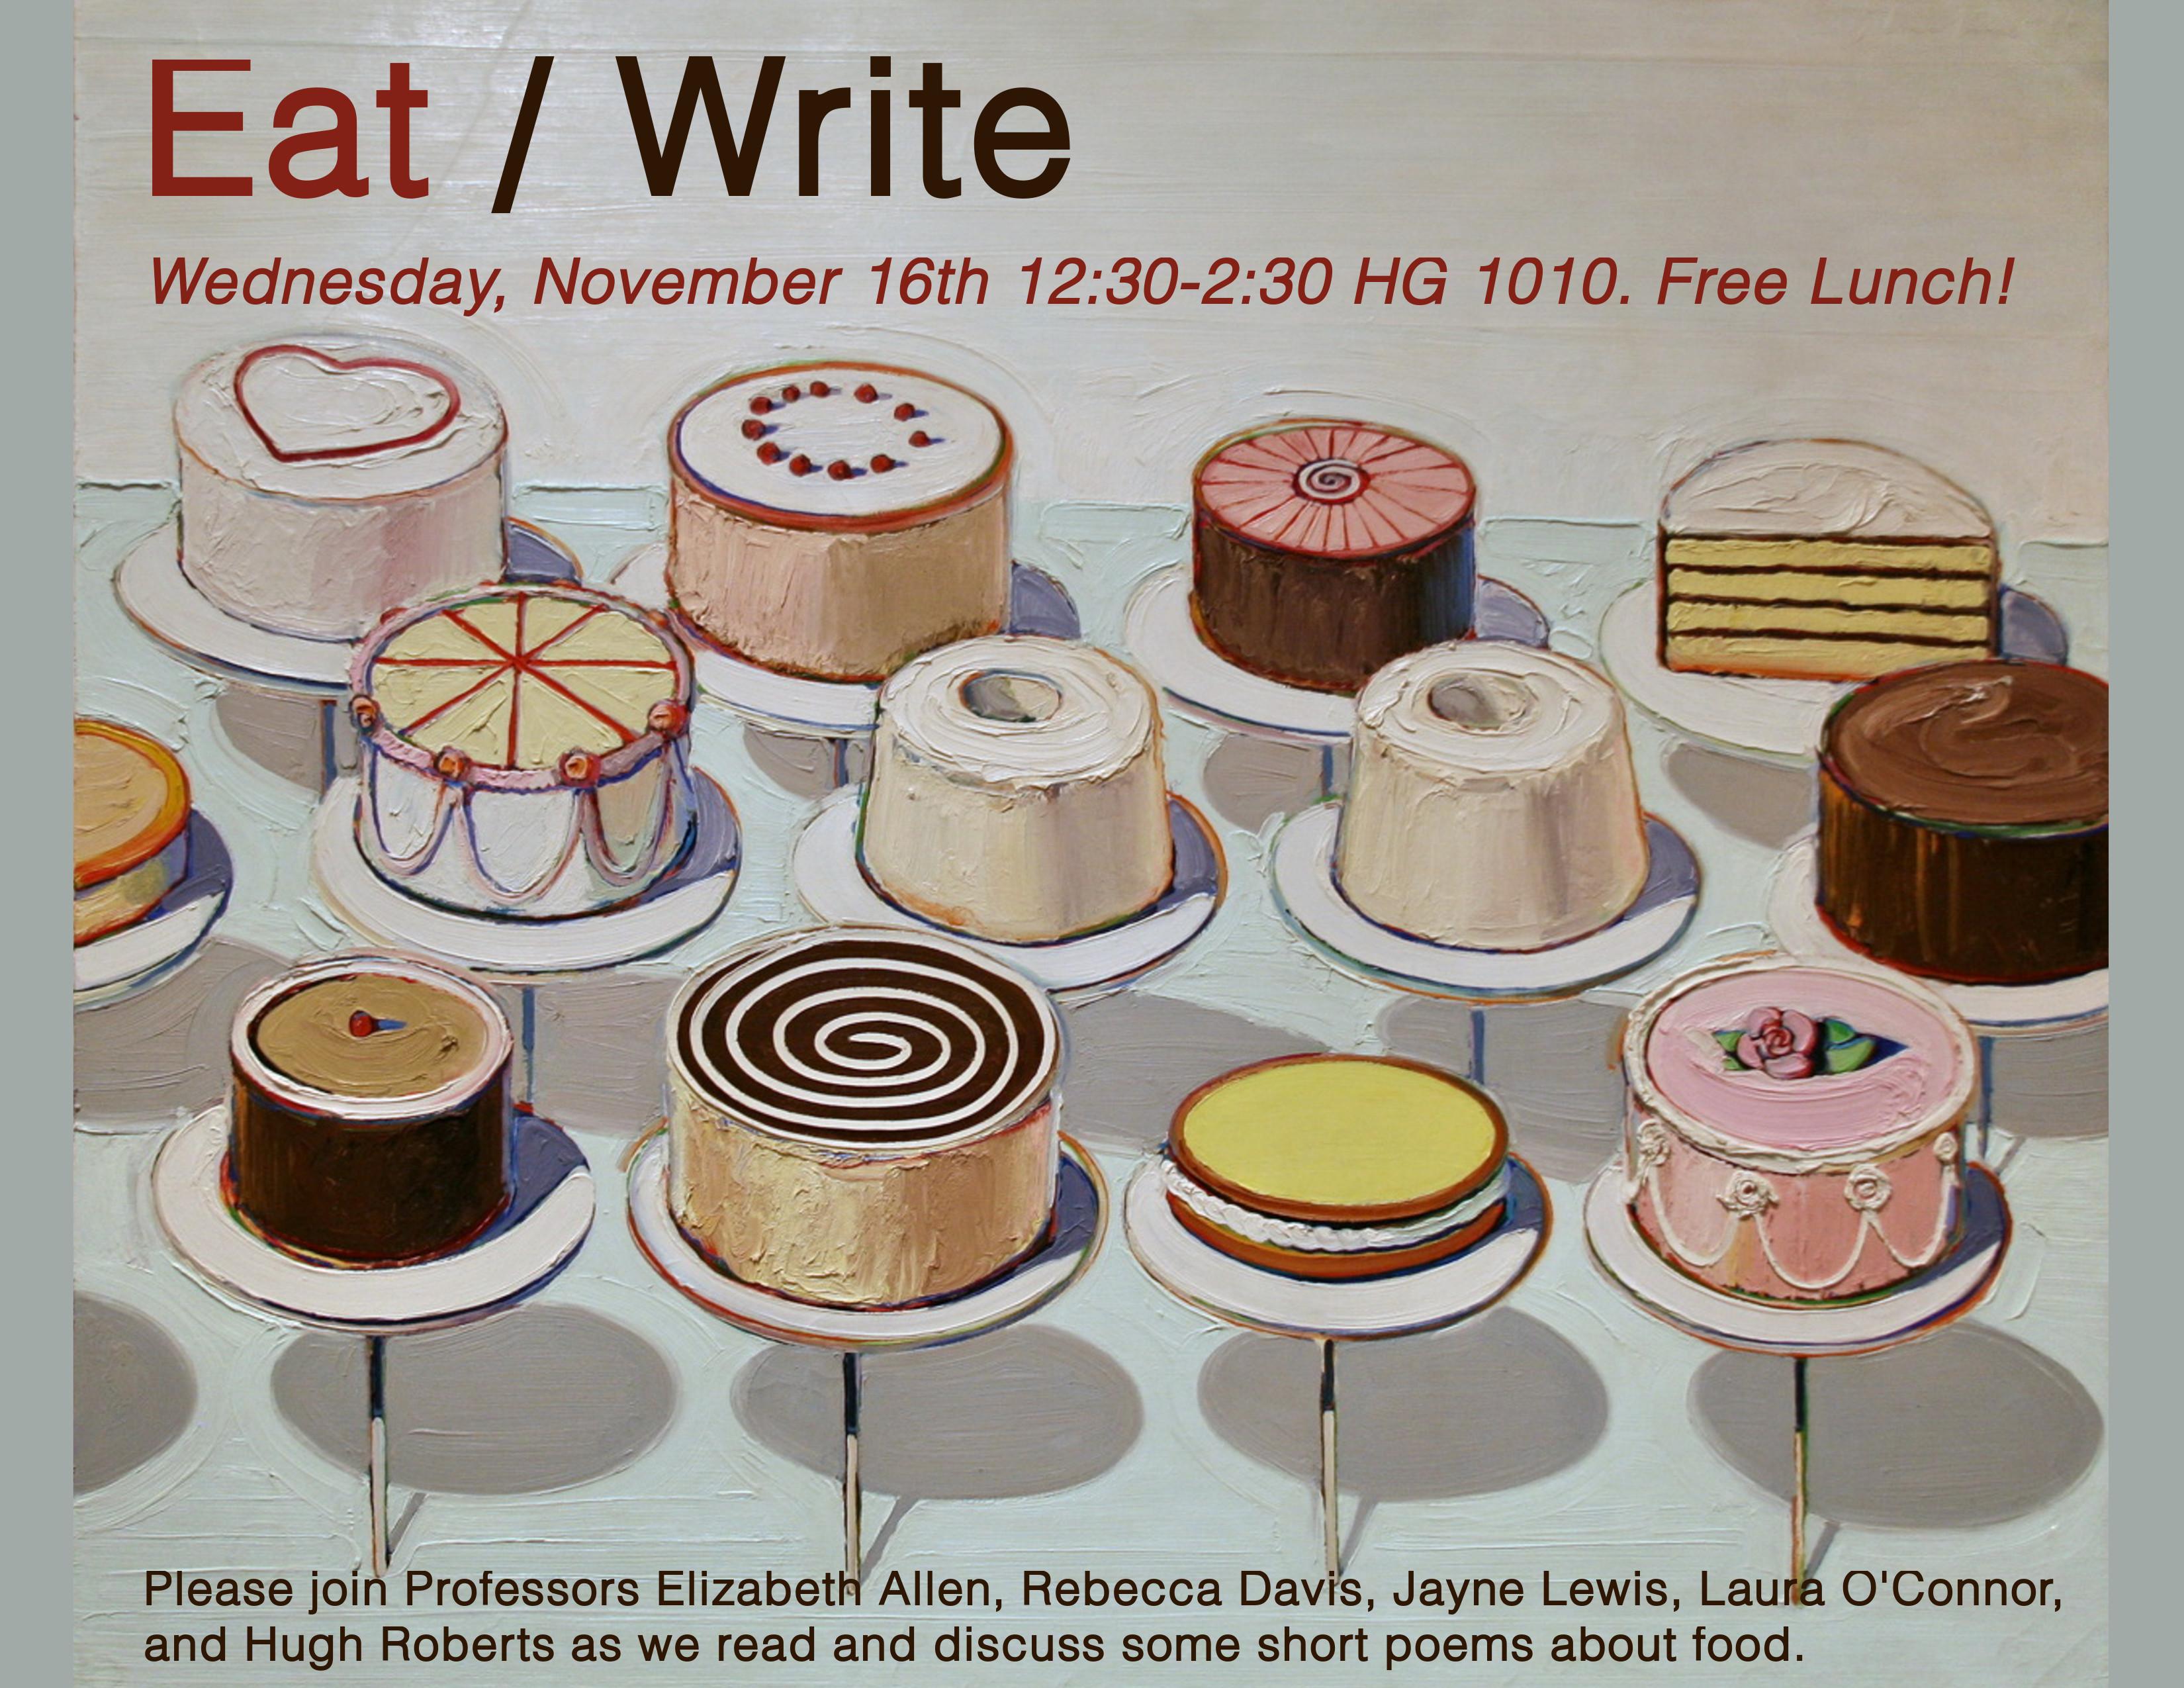 Eat/Write poster